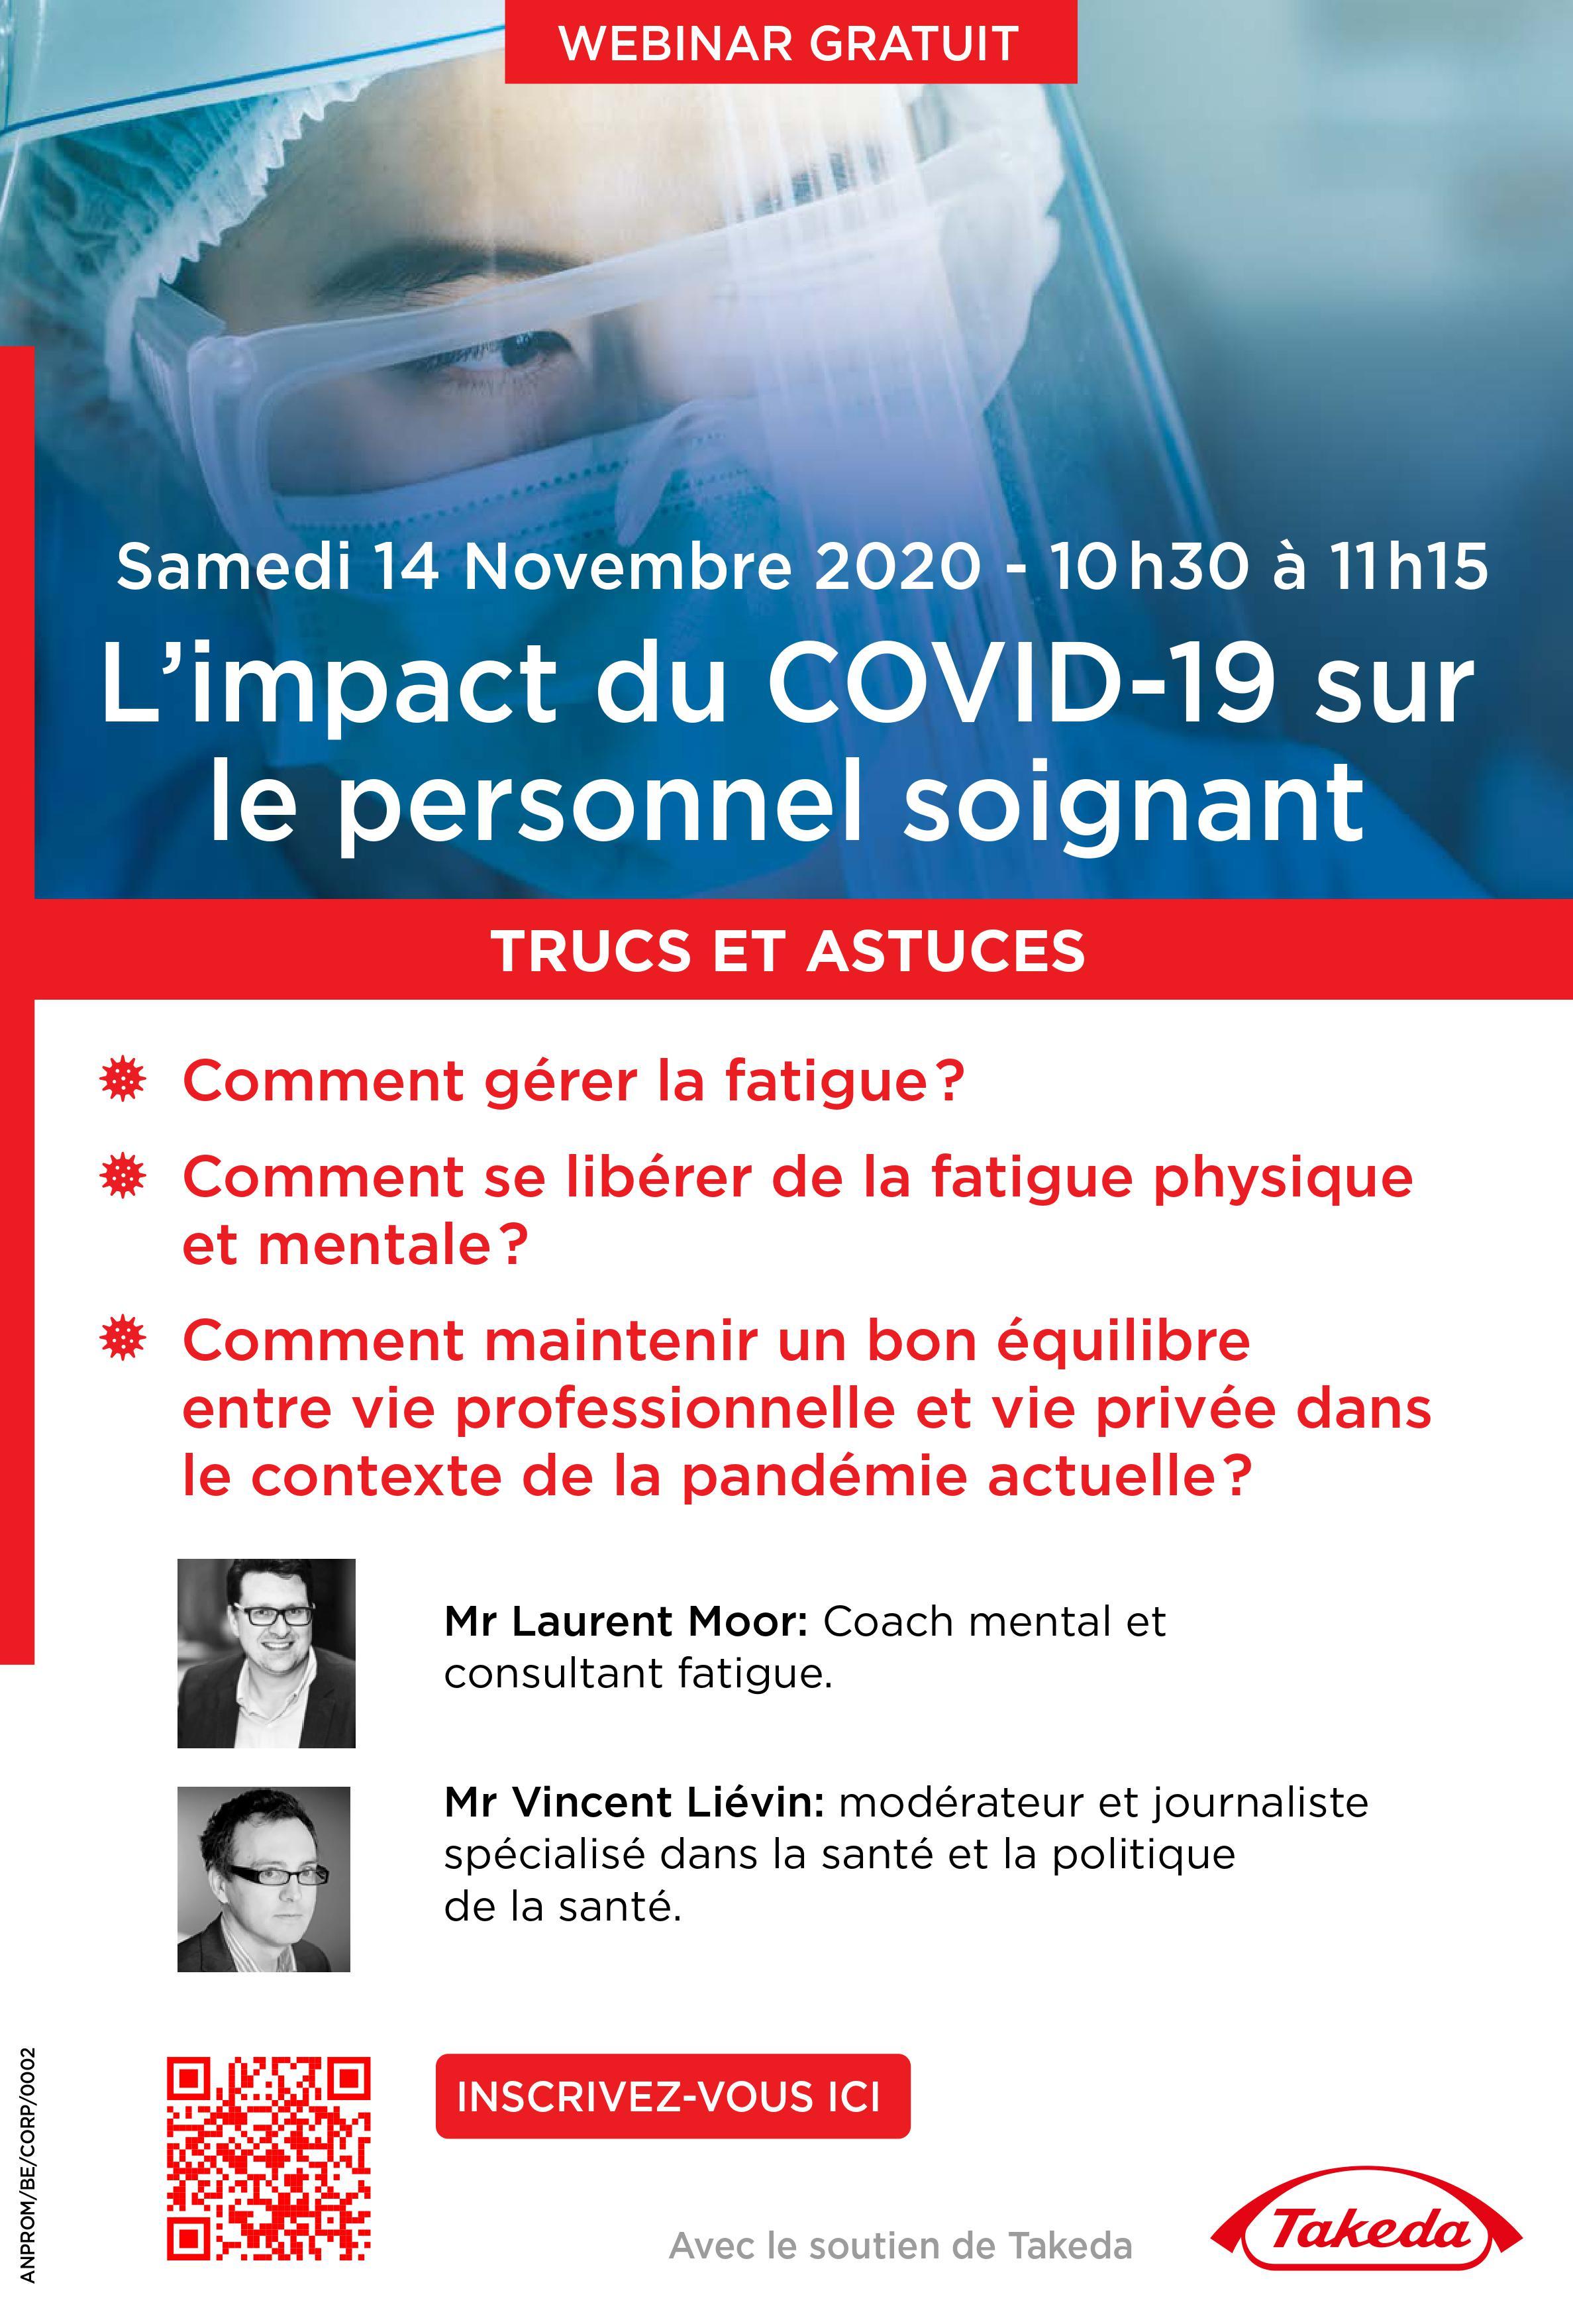 Samedi 14 novembre - Webinar : L'impact du COVID-19 sur le personnel soignant - TRUCS ET ASTUCES